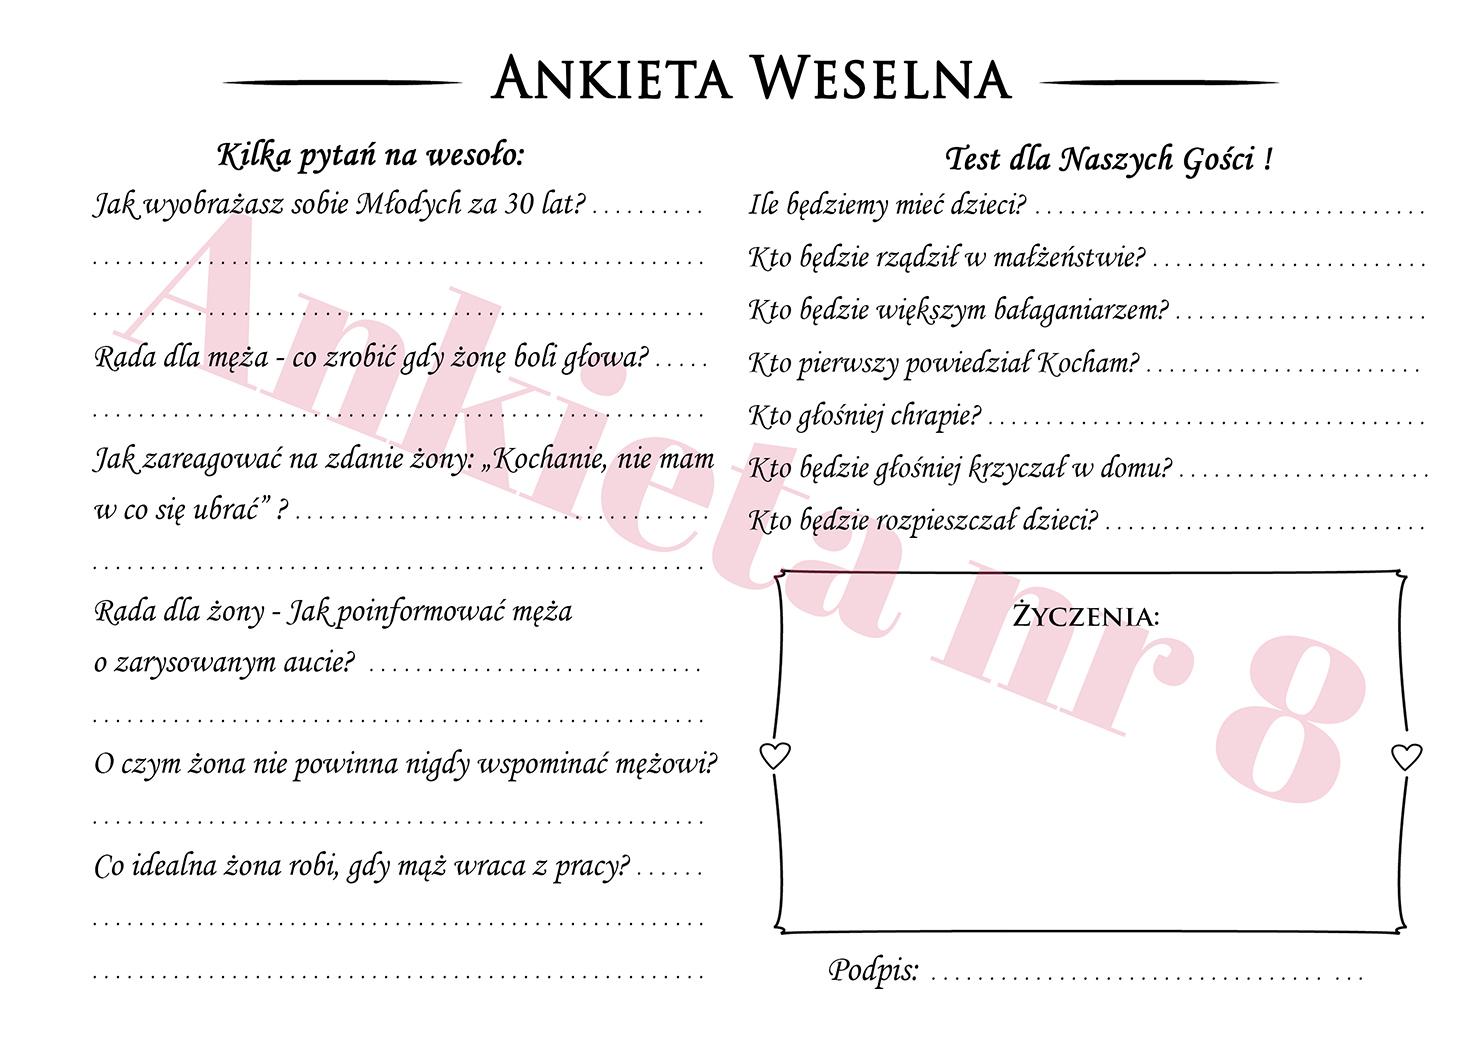 Ankieta weselna dla gości weselnych